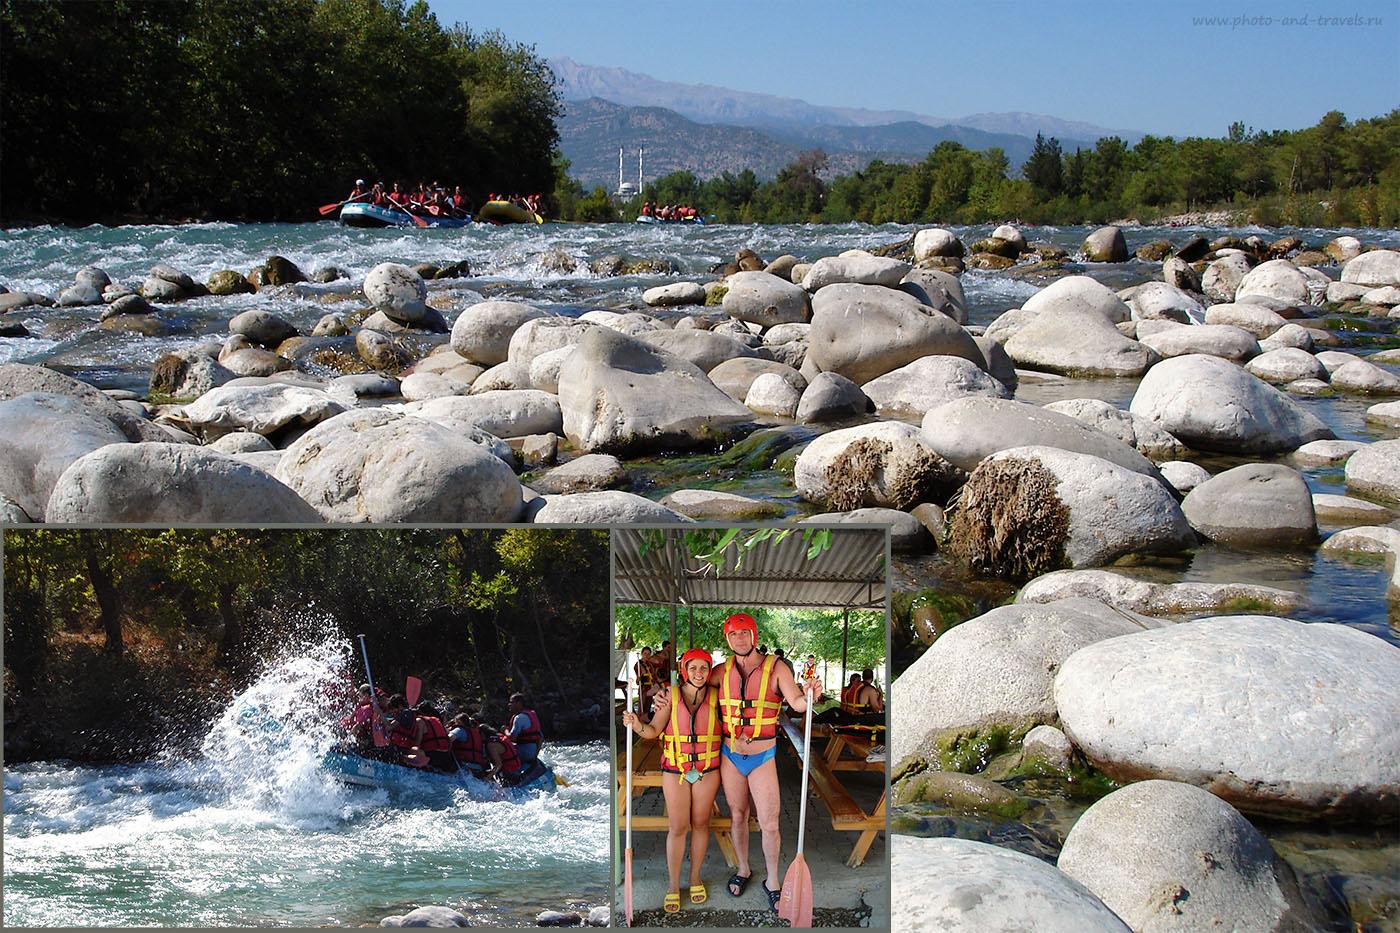 Фотография 2. Отдых в Анталии в сентябре 2007 года. Тогда мы впервые попали на рафтинг по реке Кёпрючай в каньоне Кёпрюлю. Обязательно съездите на эту экскурсию во время отдыха в Турции. Снято на мыльницу Sony Cyber-Shot DSC-W15.